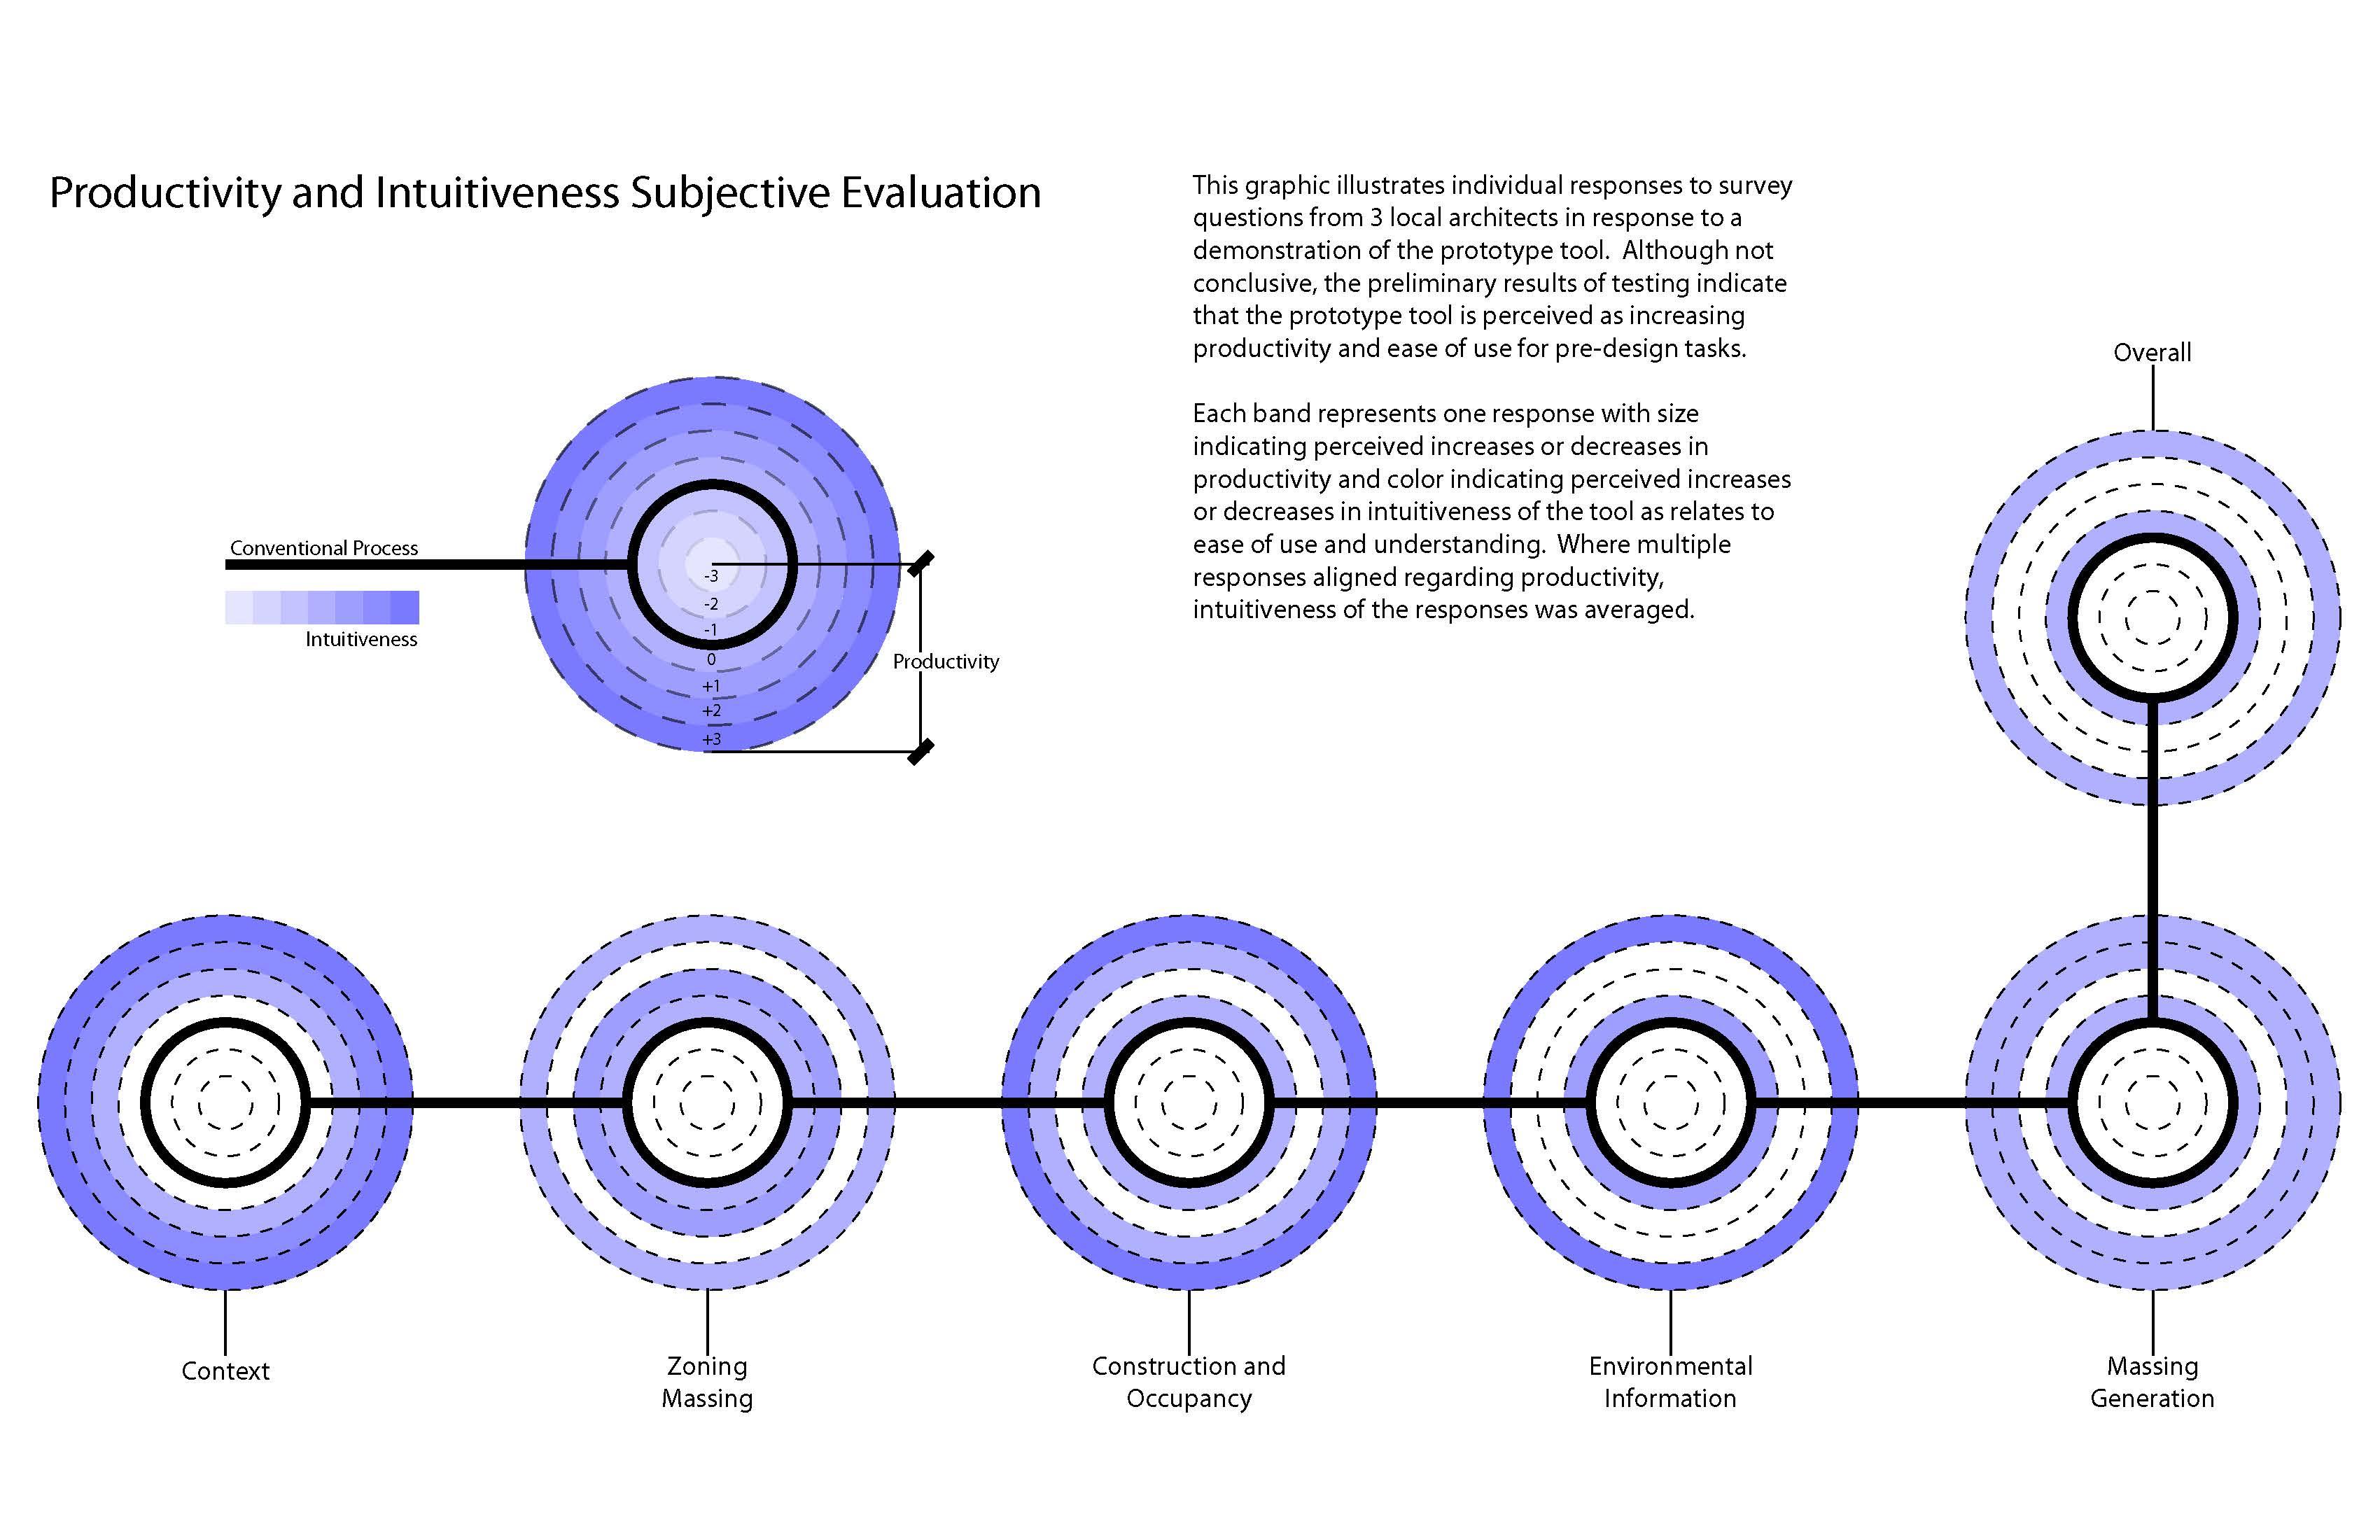 Updated Comparison Diagram